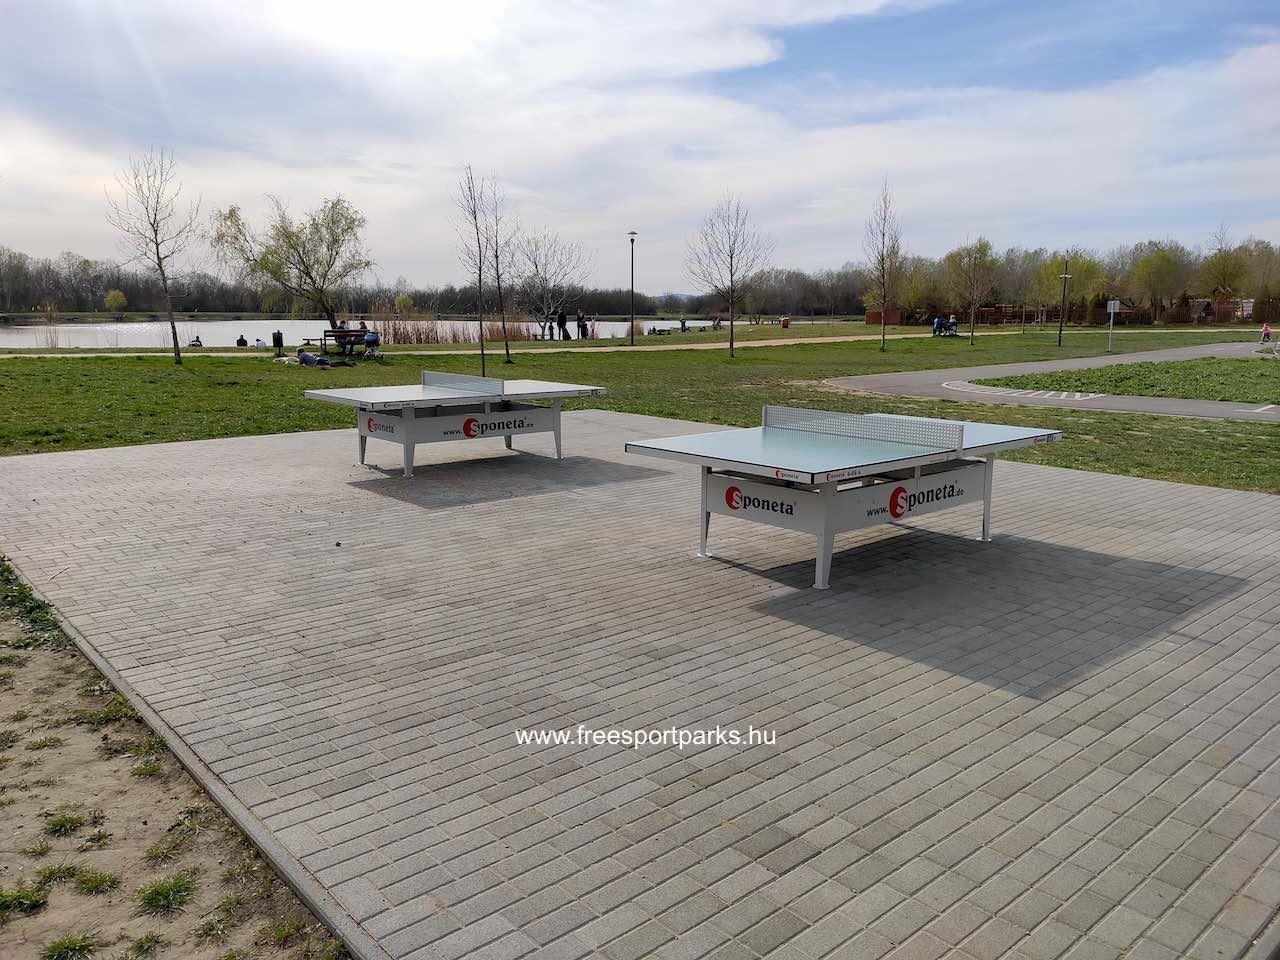 ping-pong asztalok kövezett talajon - Palotavárosi szabadidőpark - Free Sport Parks térkép